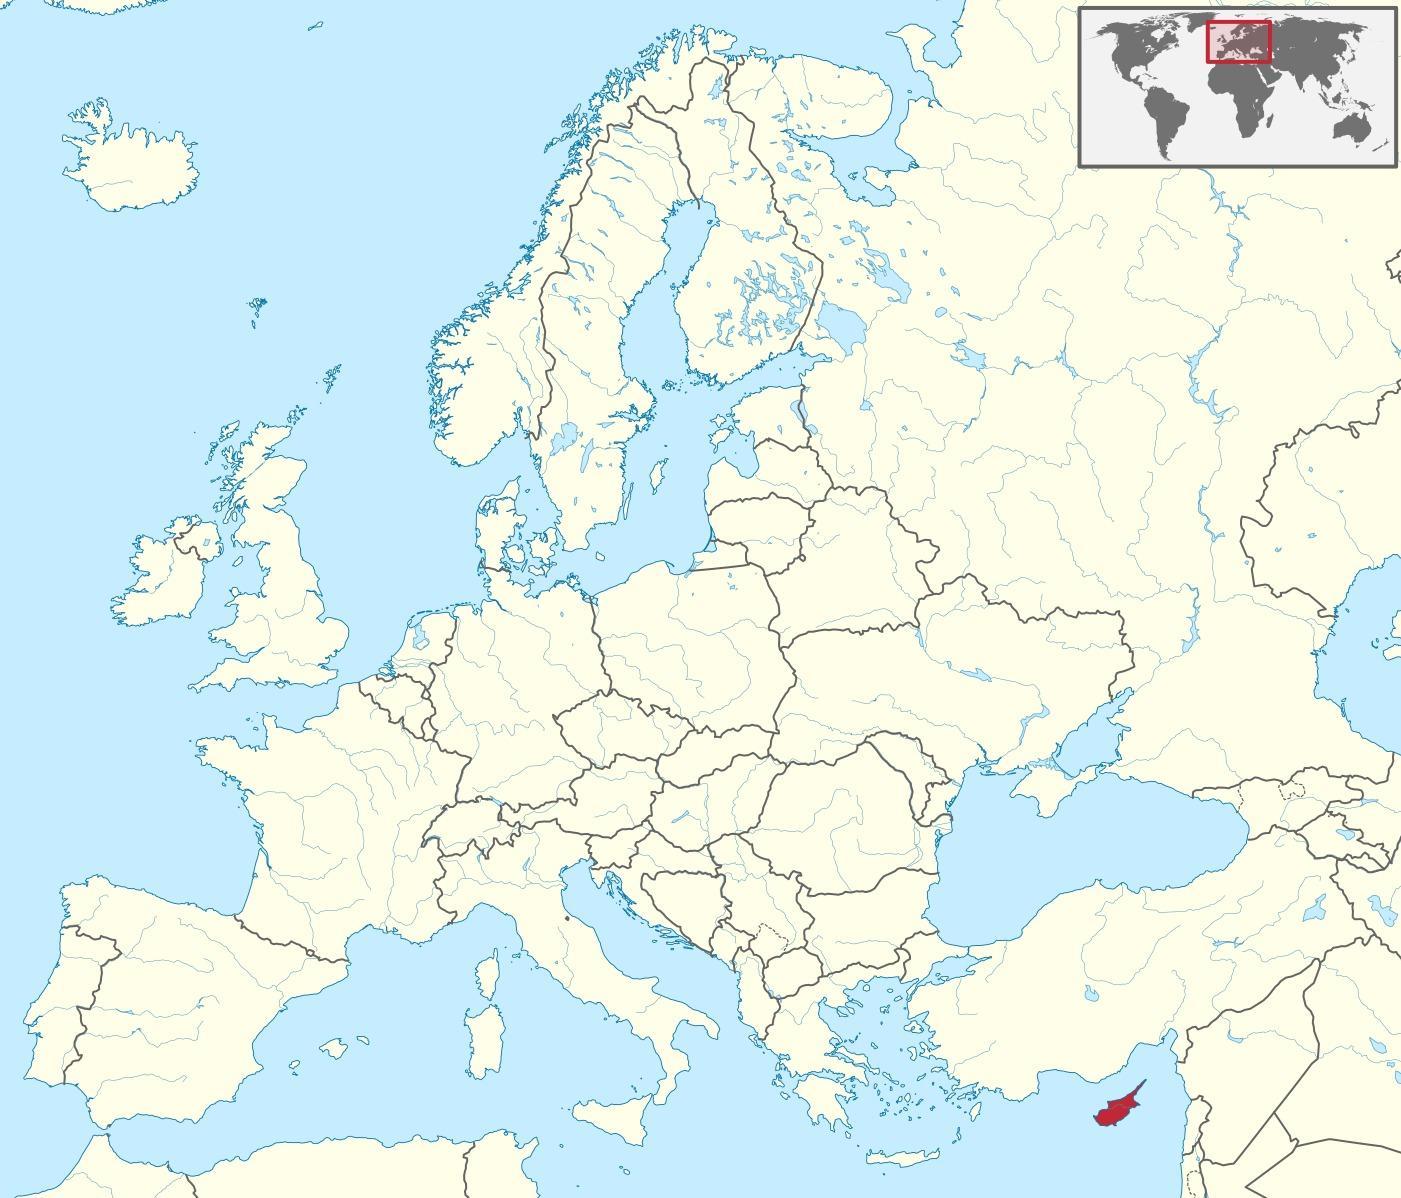 kipar mapa Kipar u svijetu mapu   Kipar mapa na svijetu (Južnoj Europi   Evropi) kipar mapa